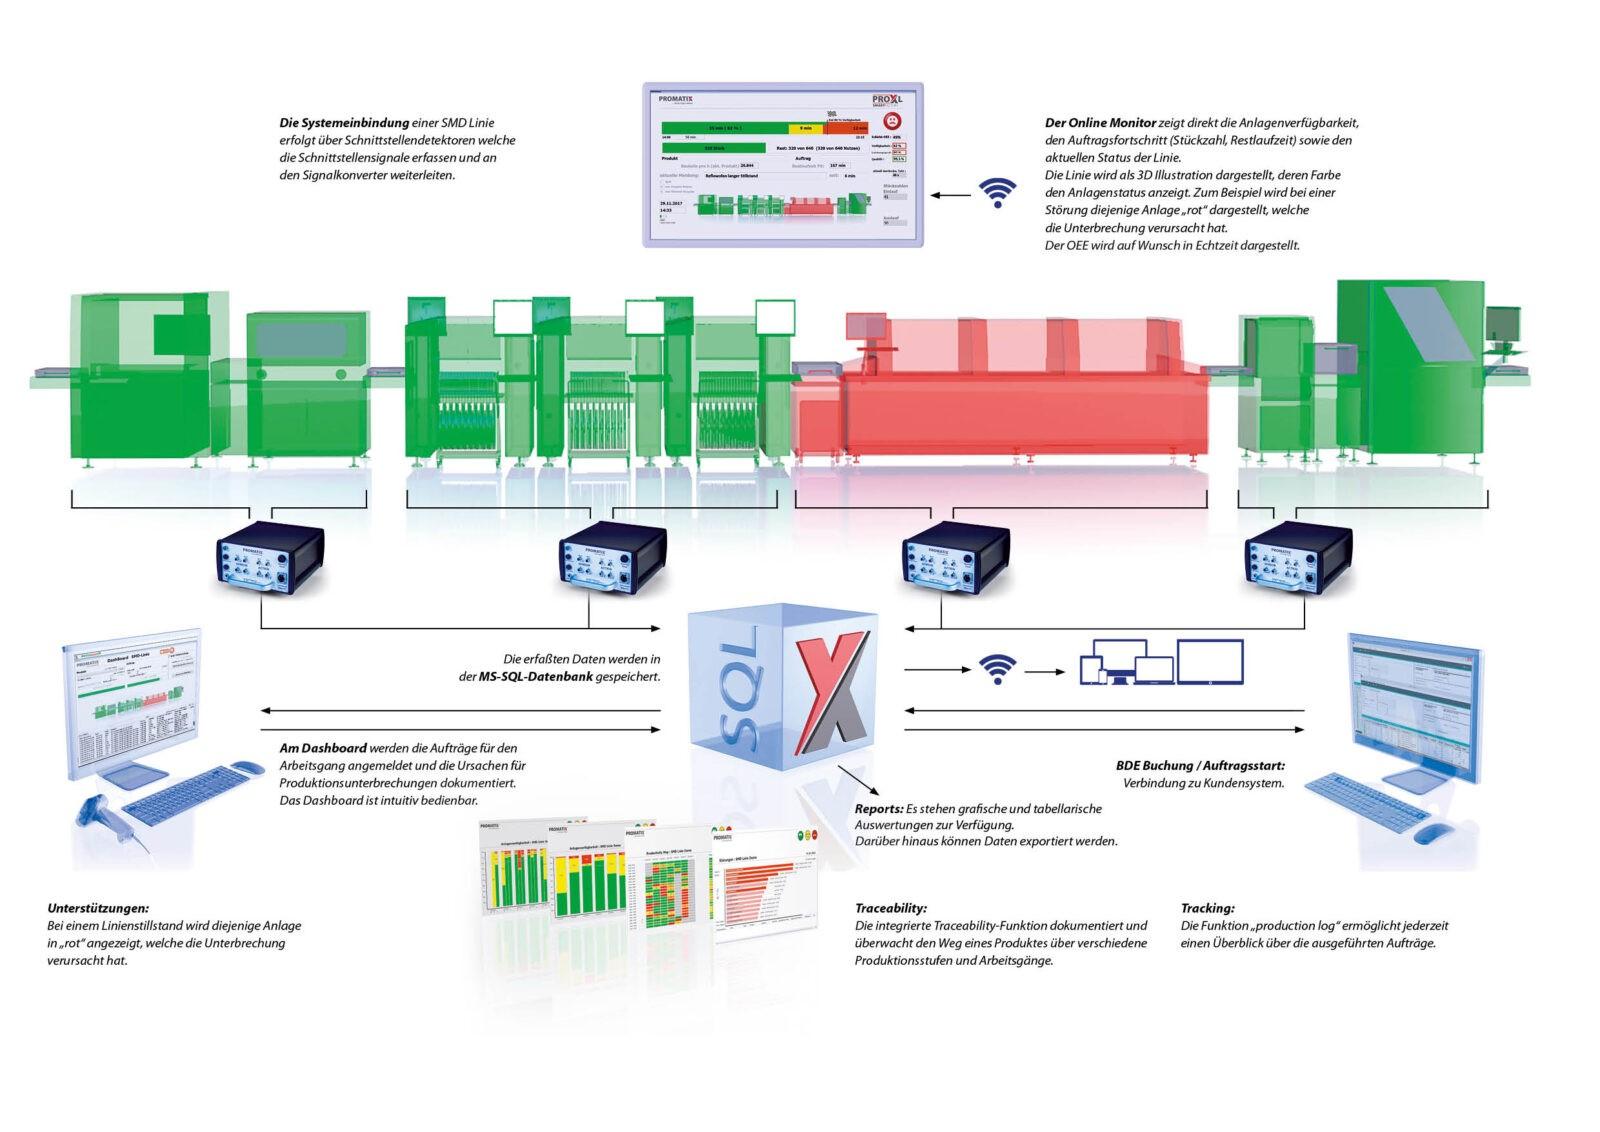 PRO_X Datenfluss Produktionslinie